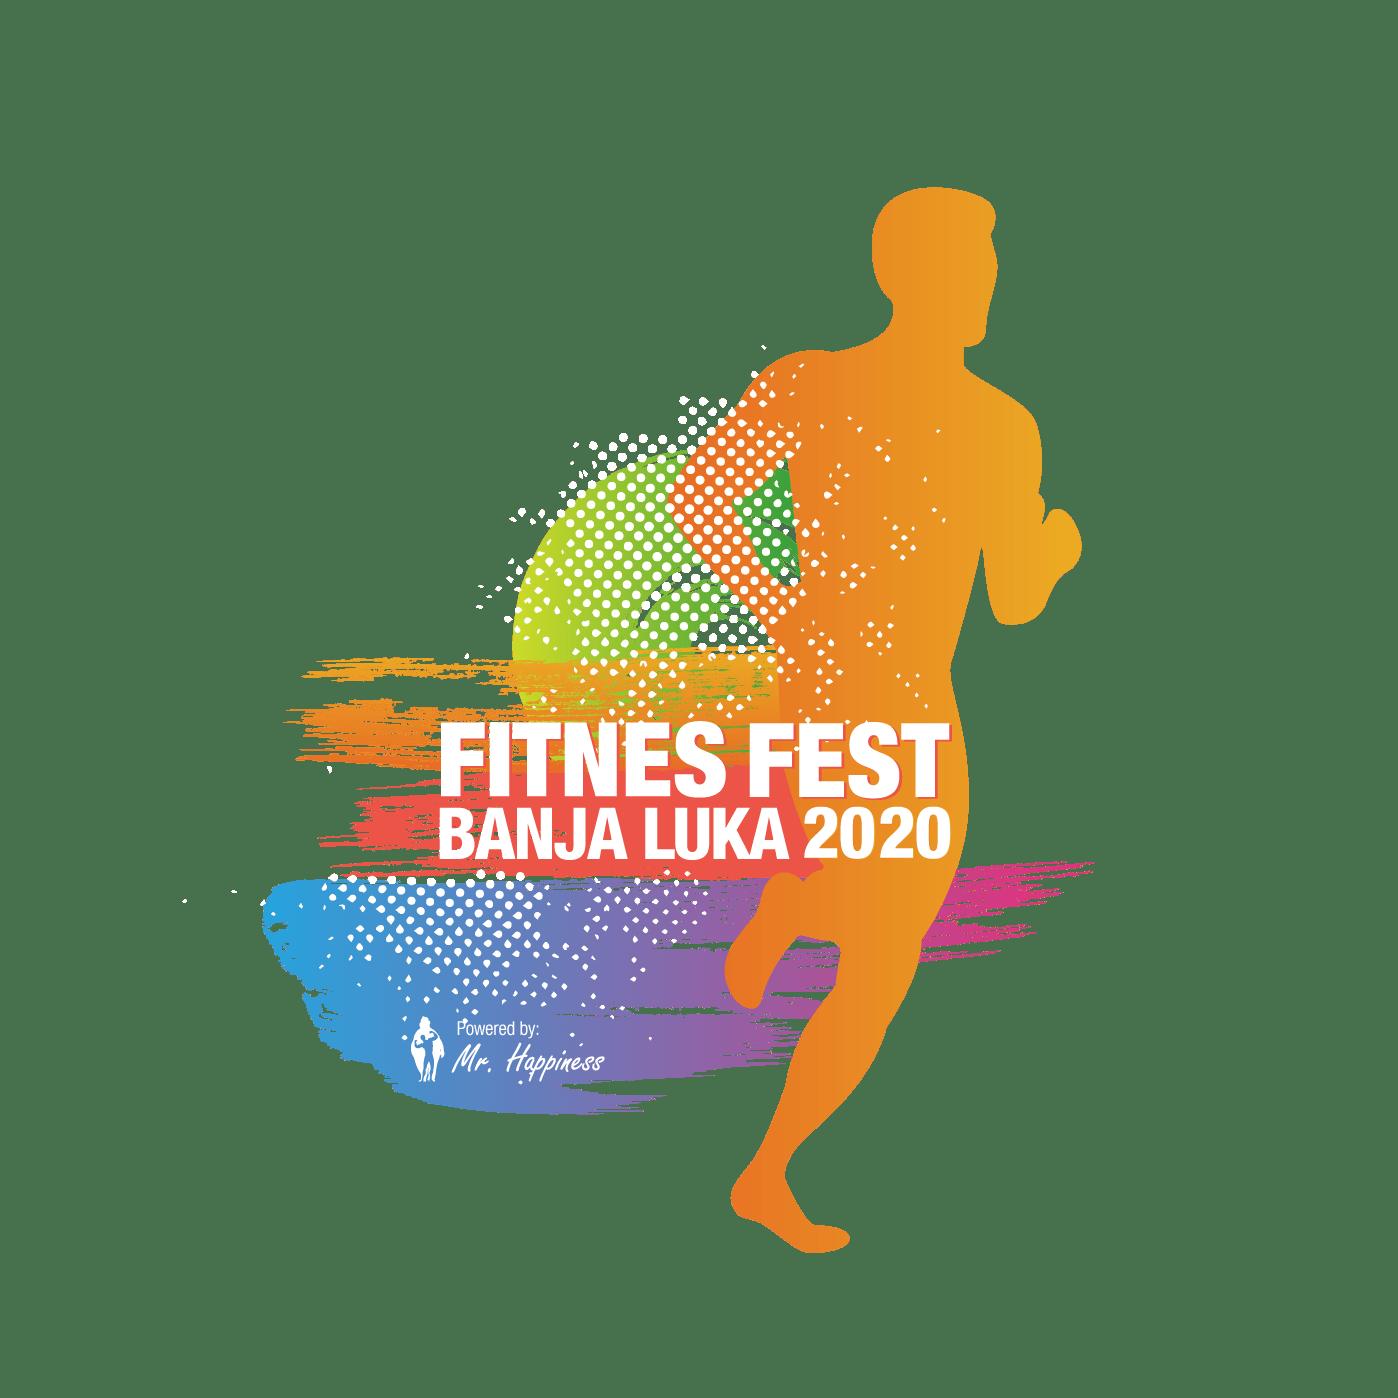 Fitnes Fest Banja Luka